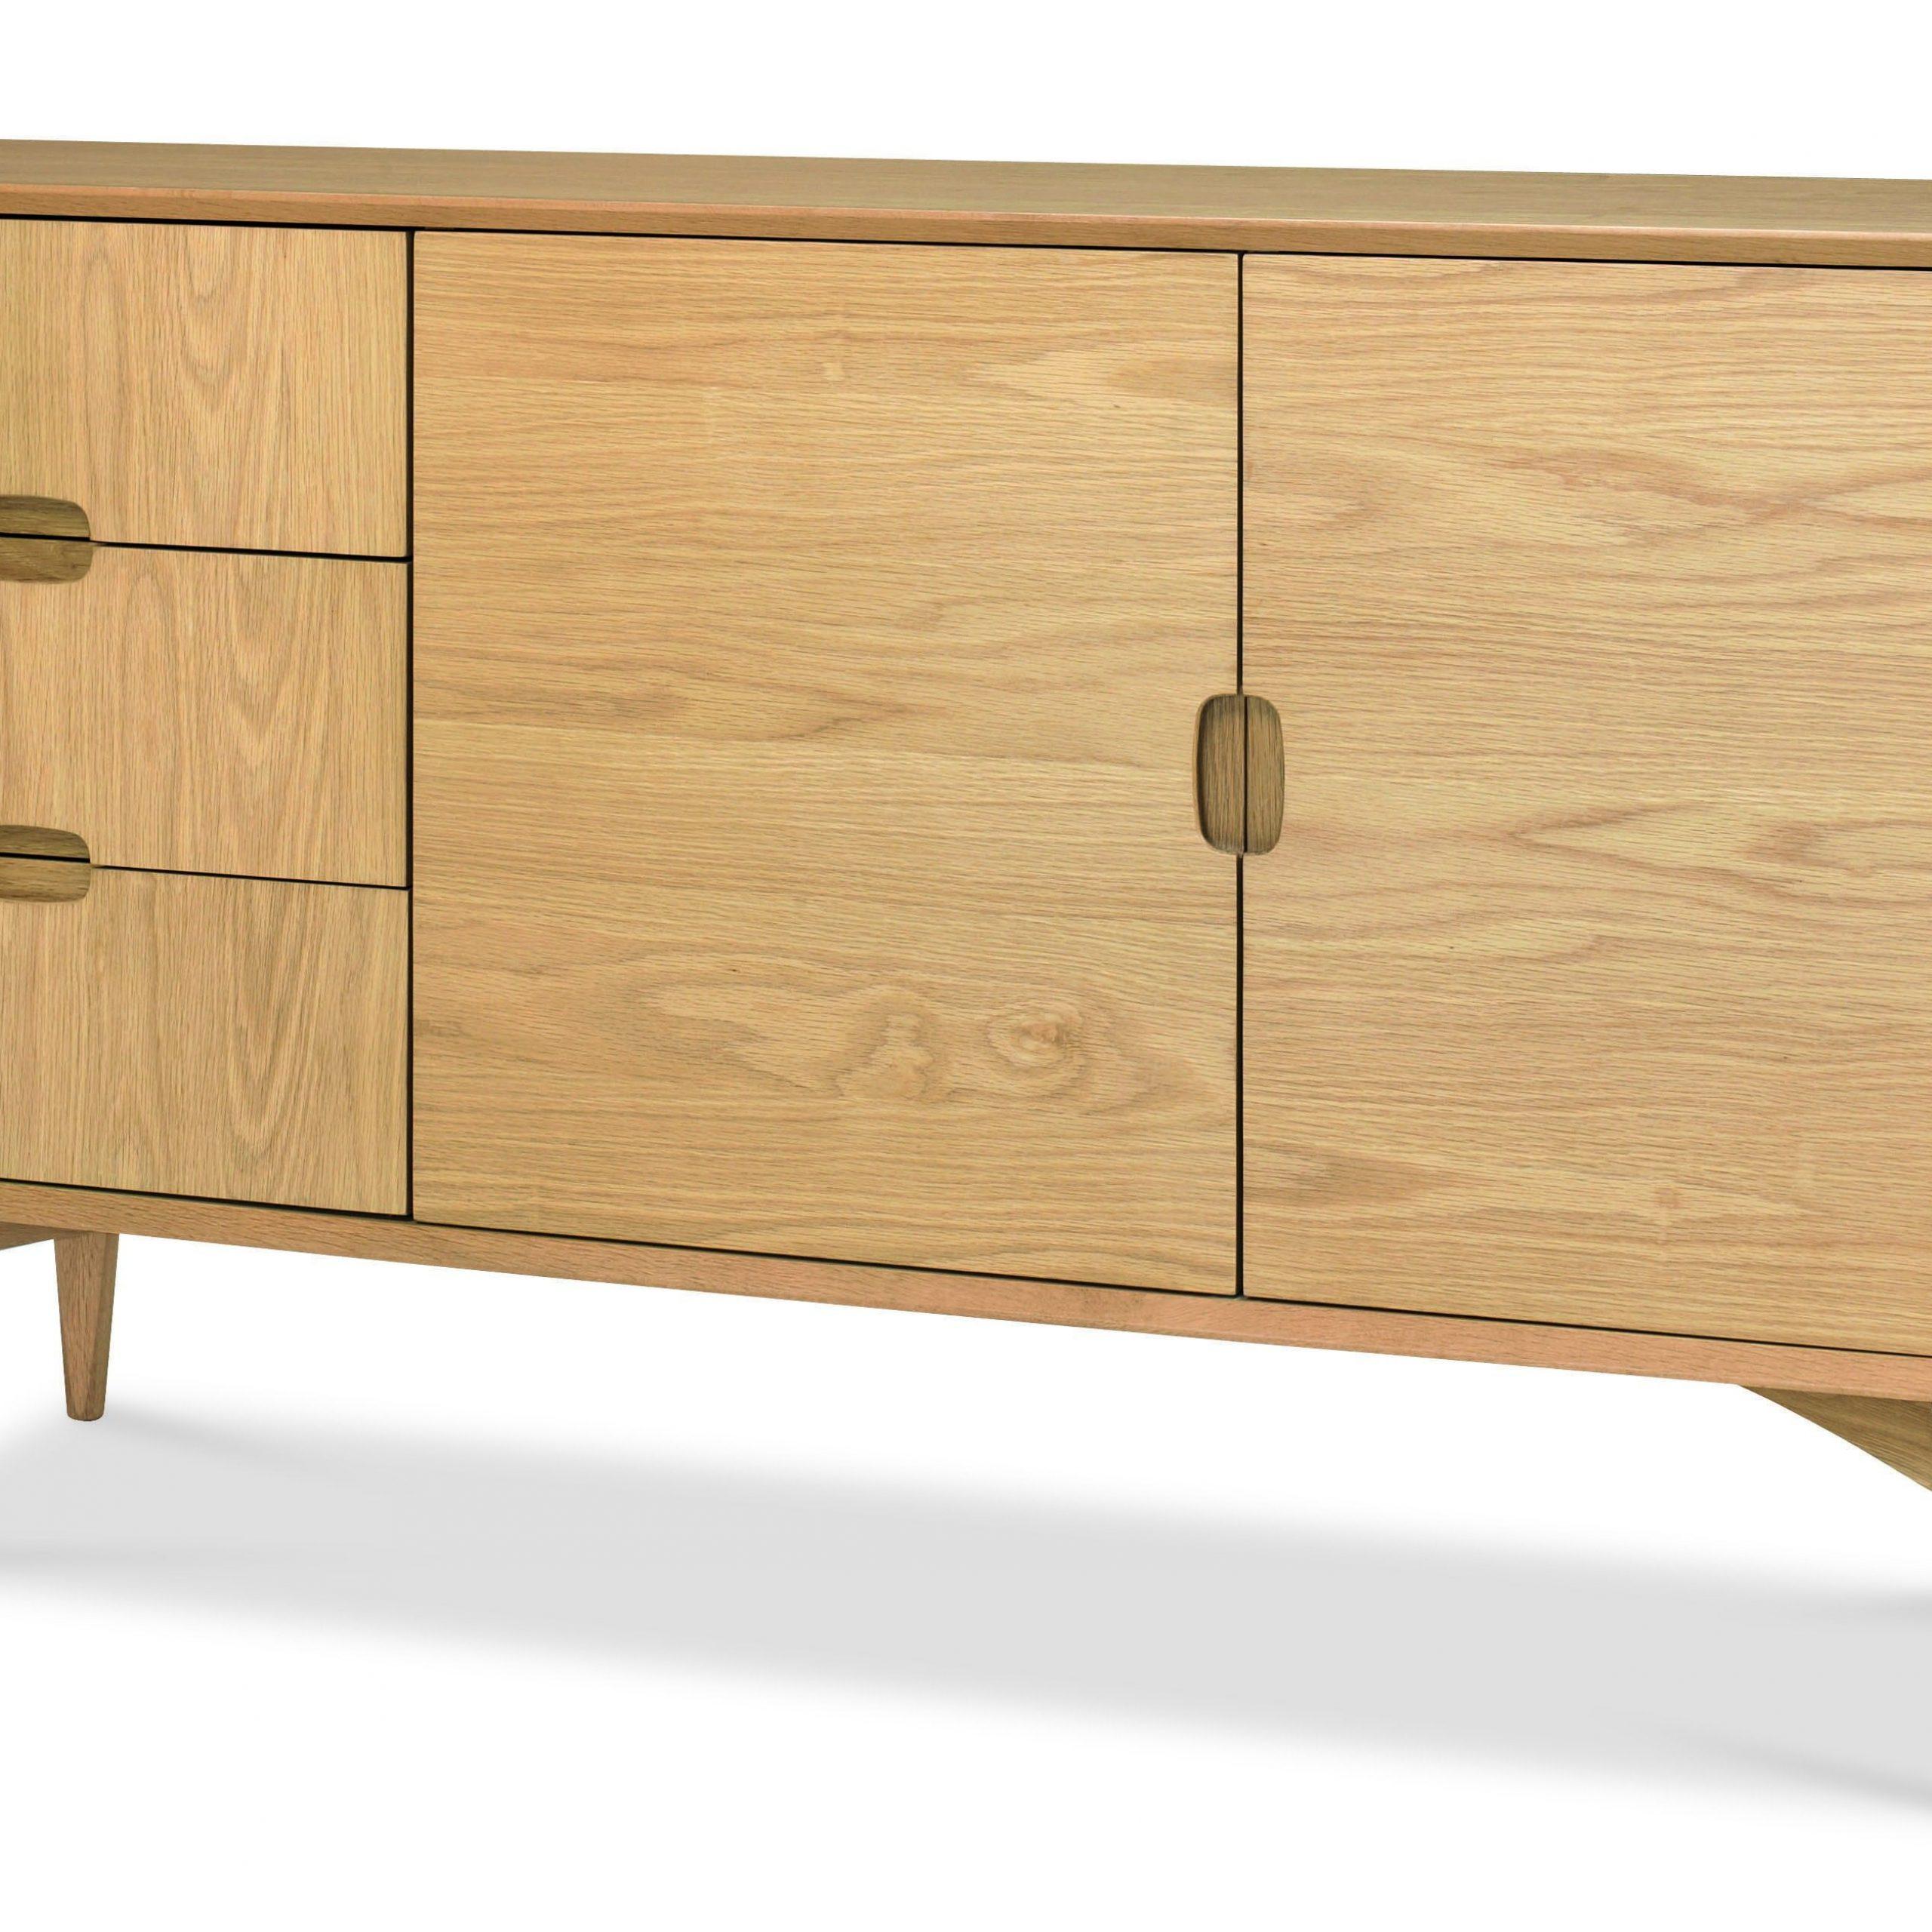 Oak Sideboard, Sideboard Designs (View 11 of 20)